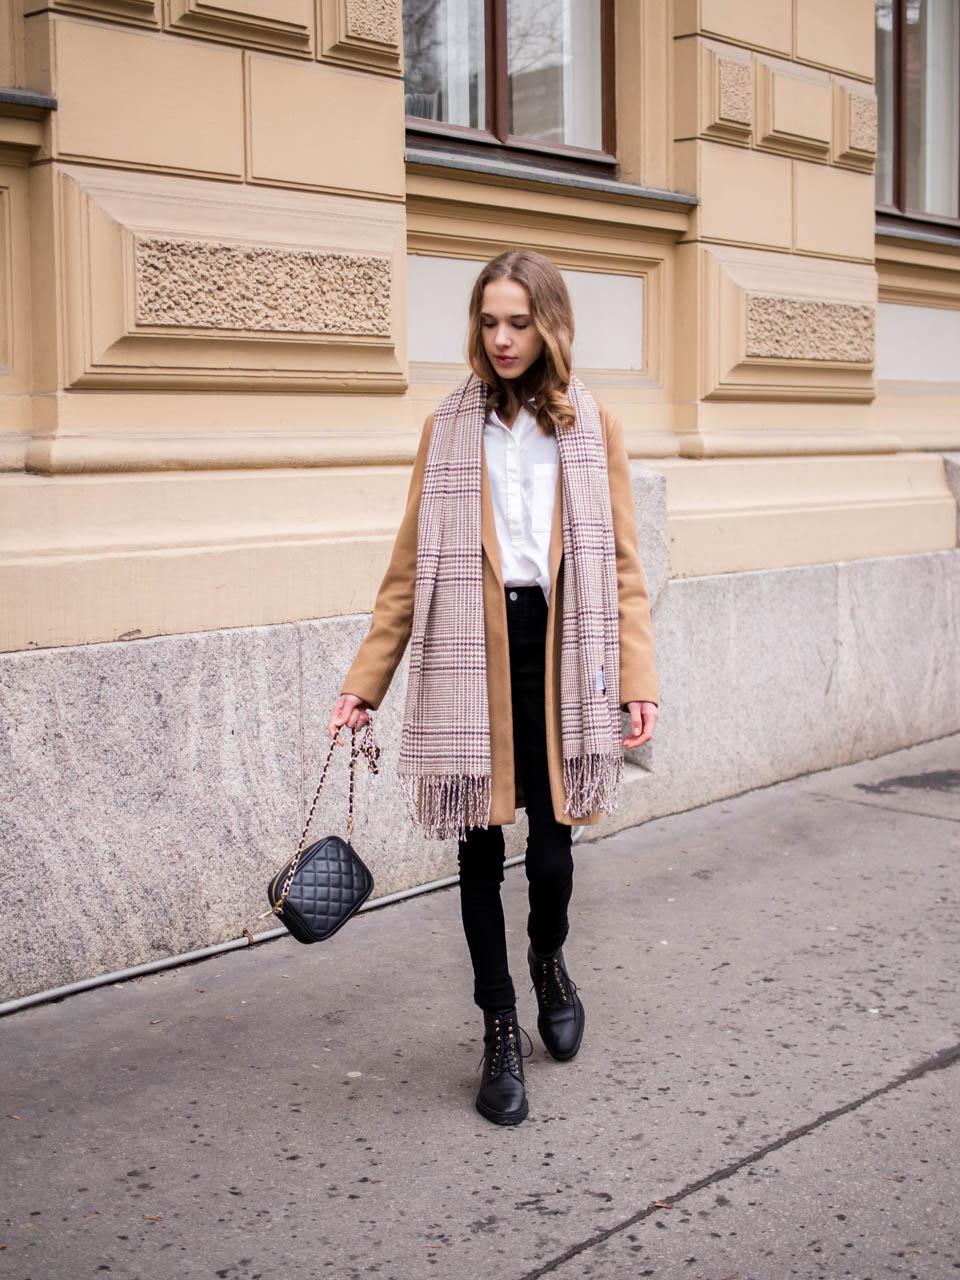 Classic, minimal and timeless fashion blogger outfit inspiration - Klassinen ja ajaton tyyli, asuinspiraatio, muotibloggaaja, Helsinki